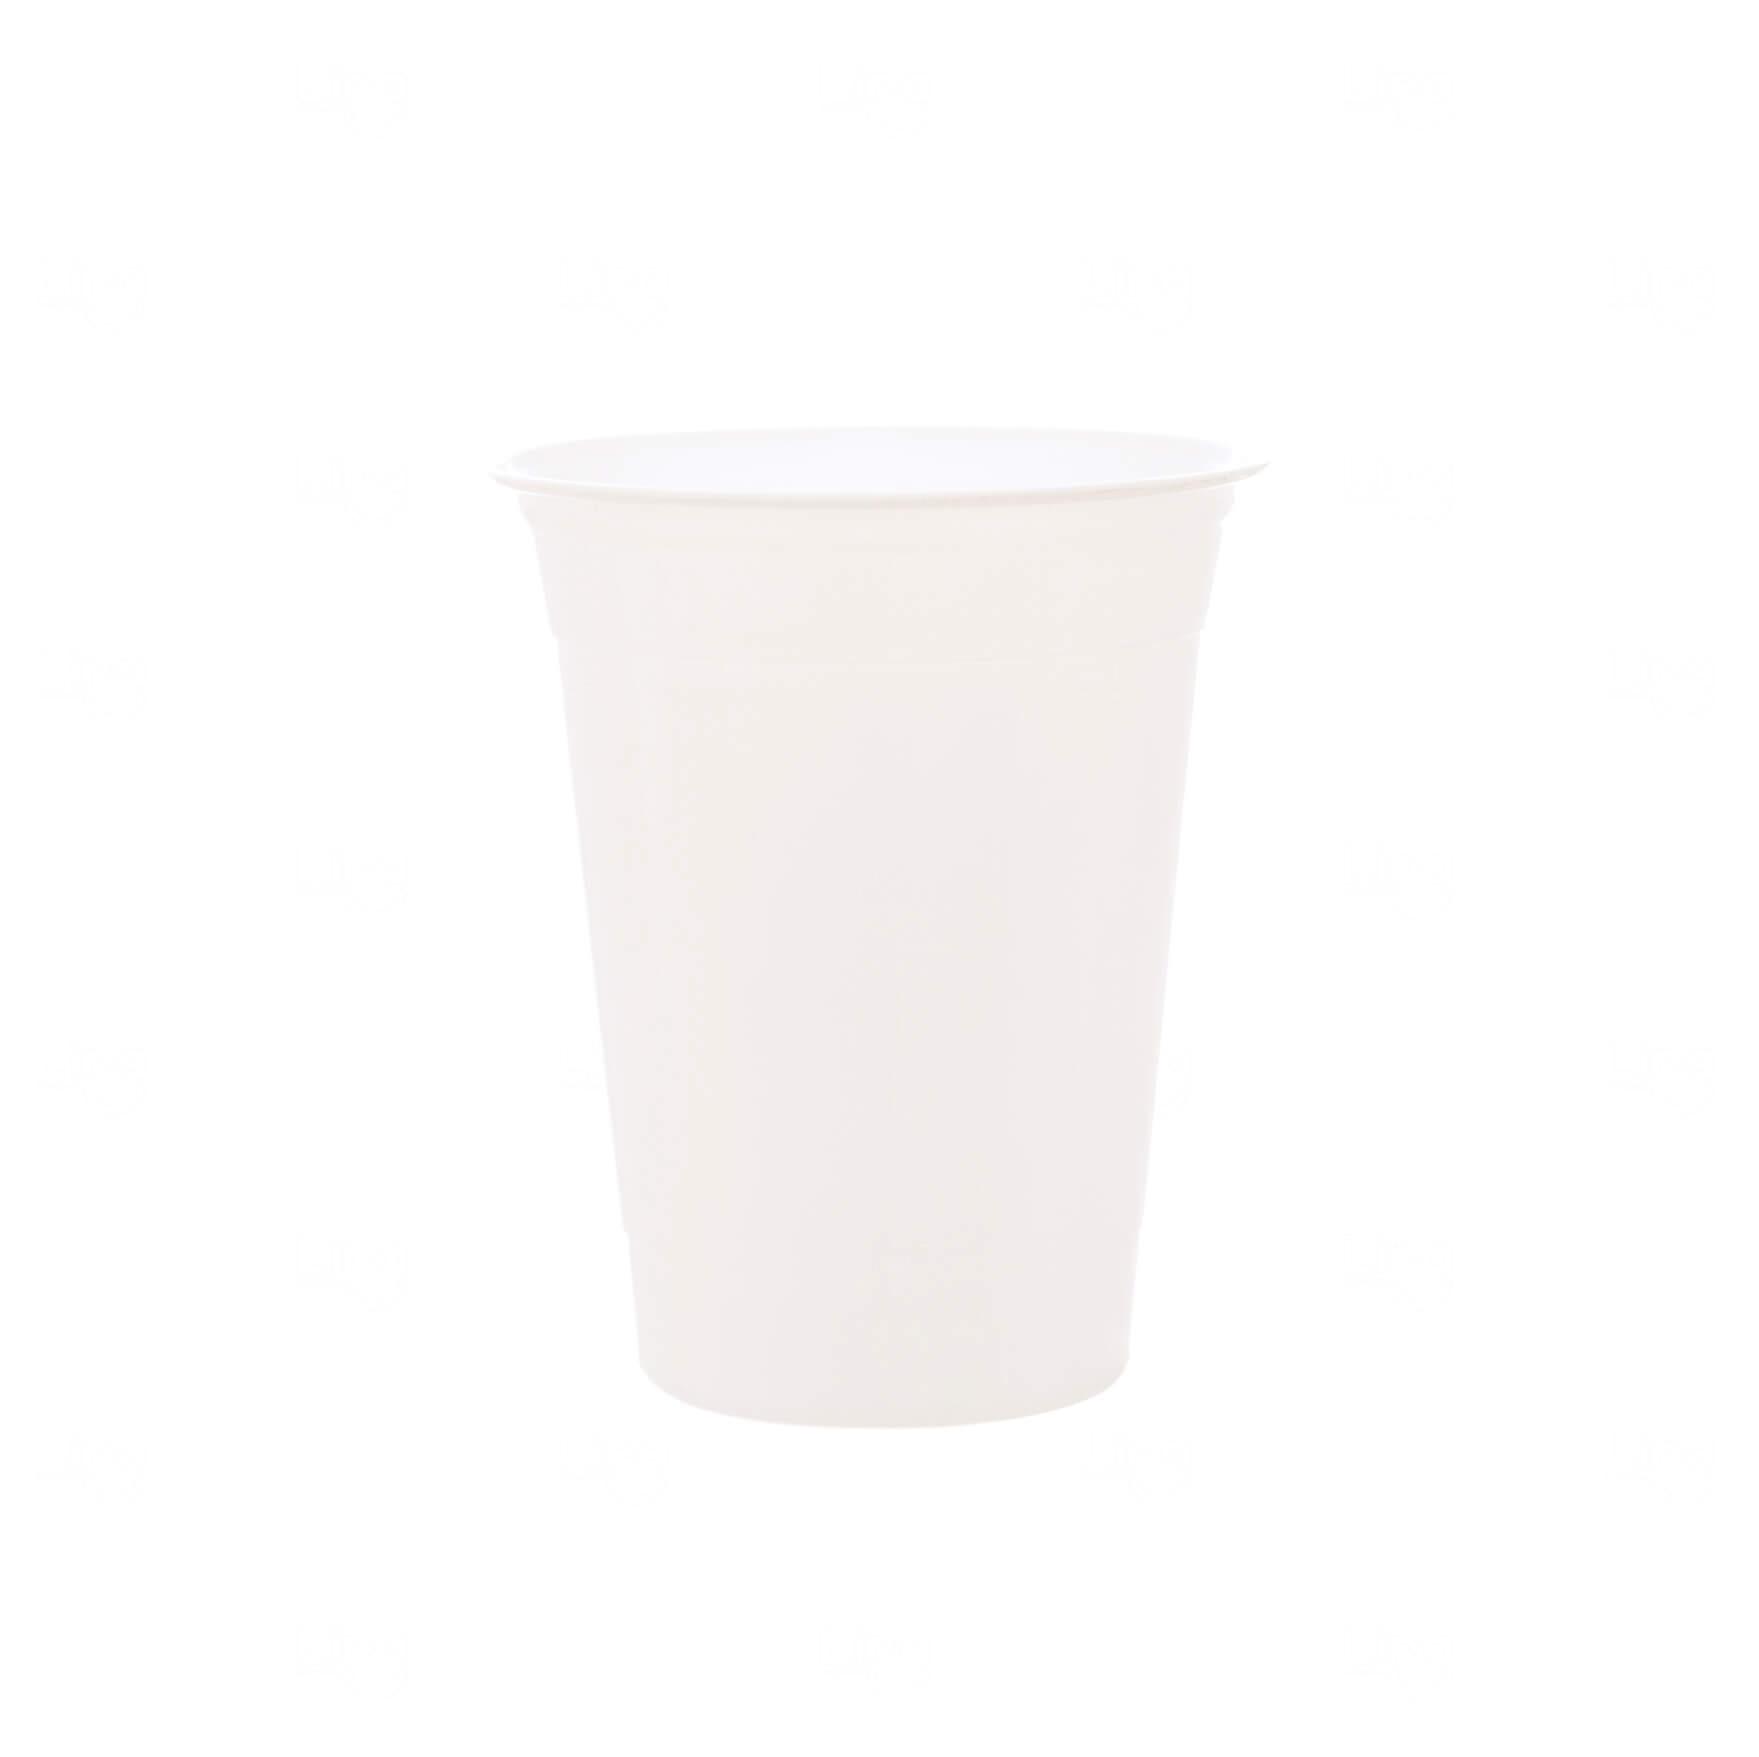 Copo P/ Festa Personalizado - 400ml Branco